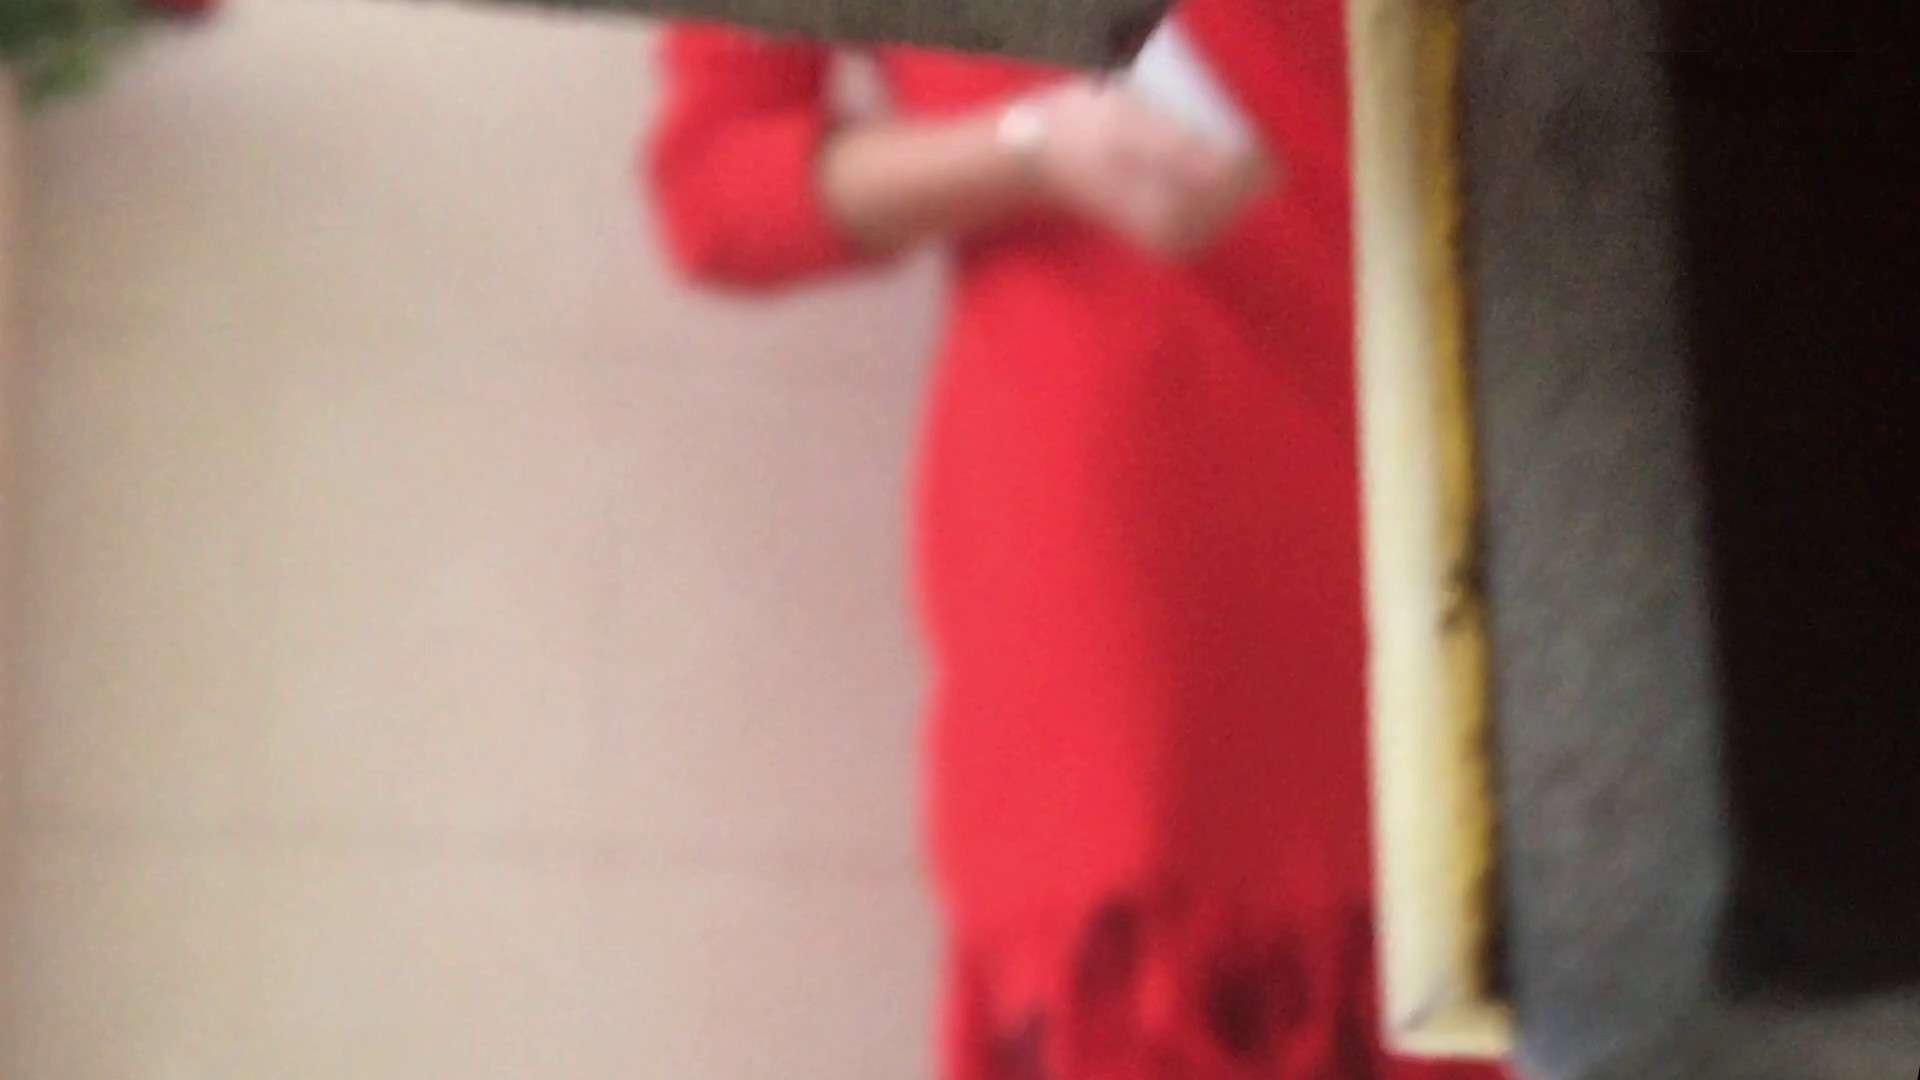 芸術大学ガチ潜入盗撮 JD盗撮 美女の洗面所の秘密 Vol.107 トイレ中の女子達  83連発 30